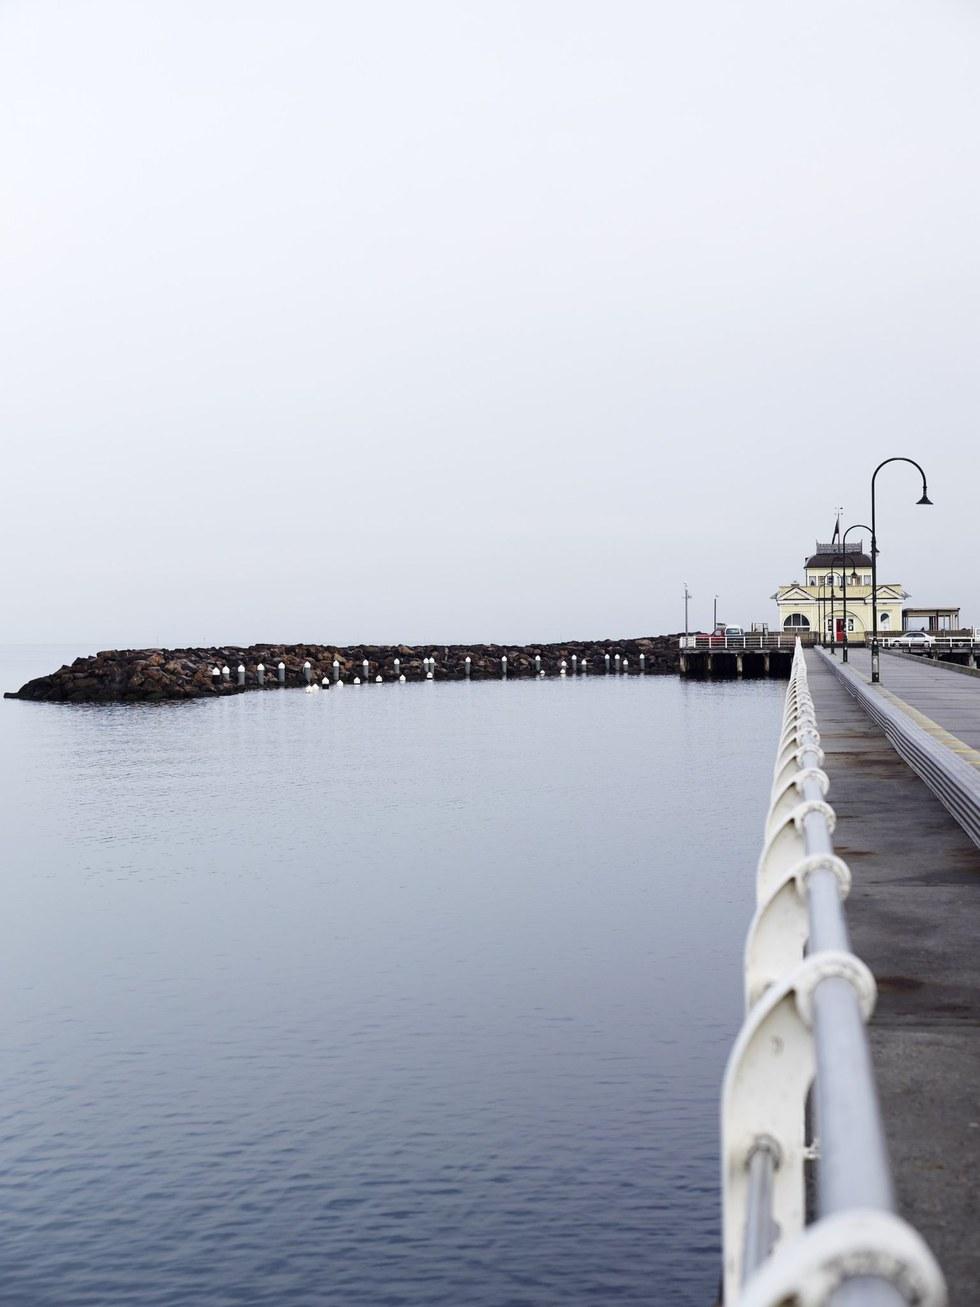 St. Kilda Pier, with its famed Pavilion